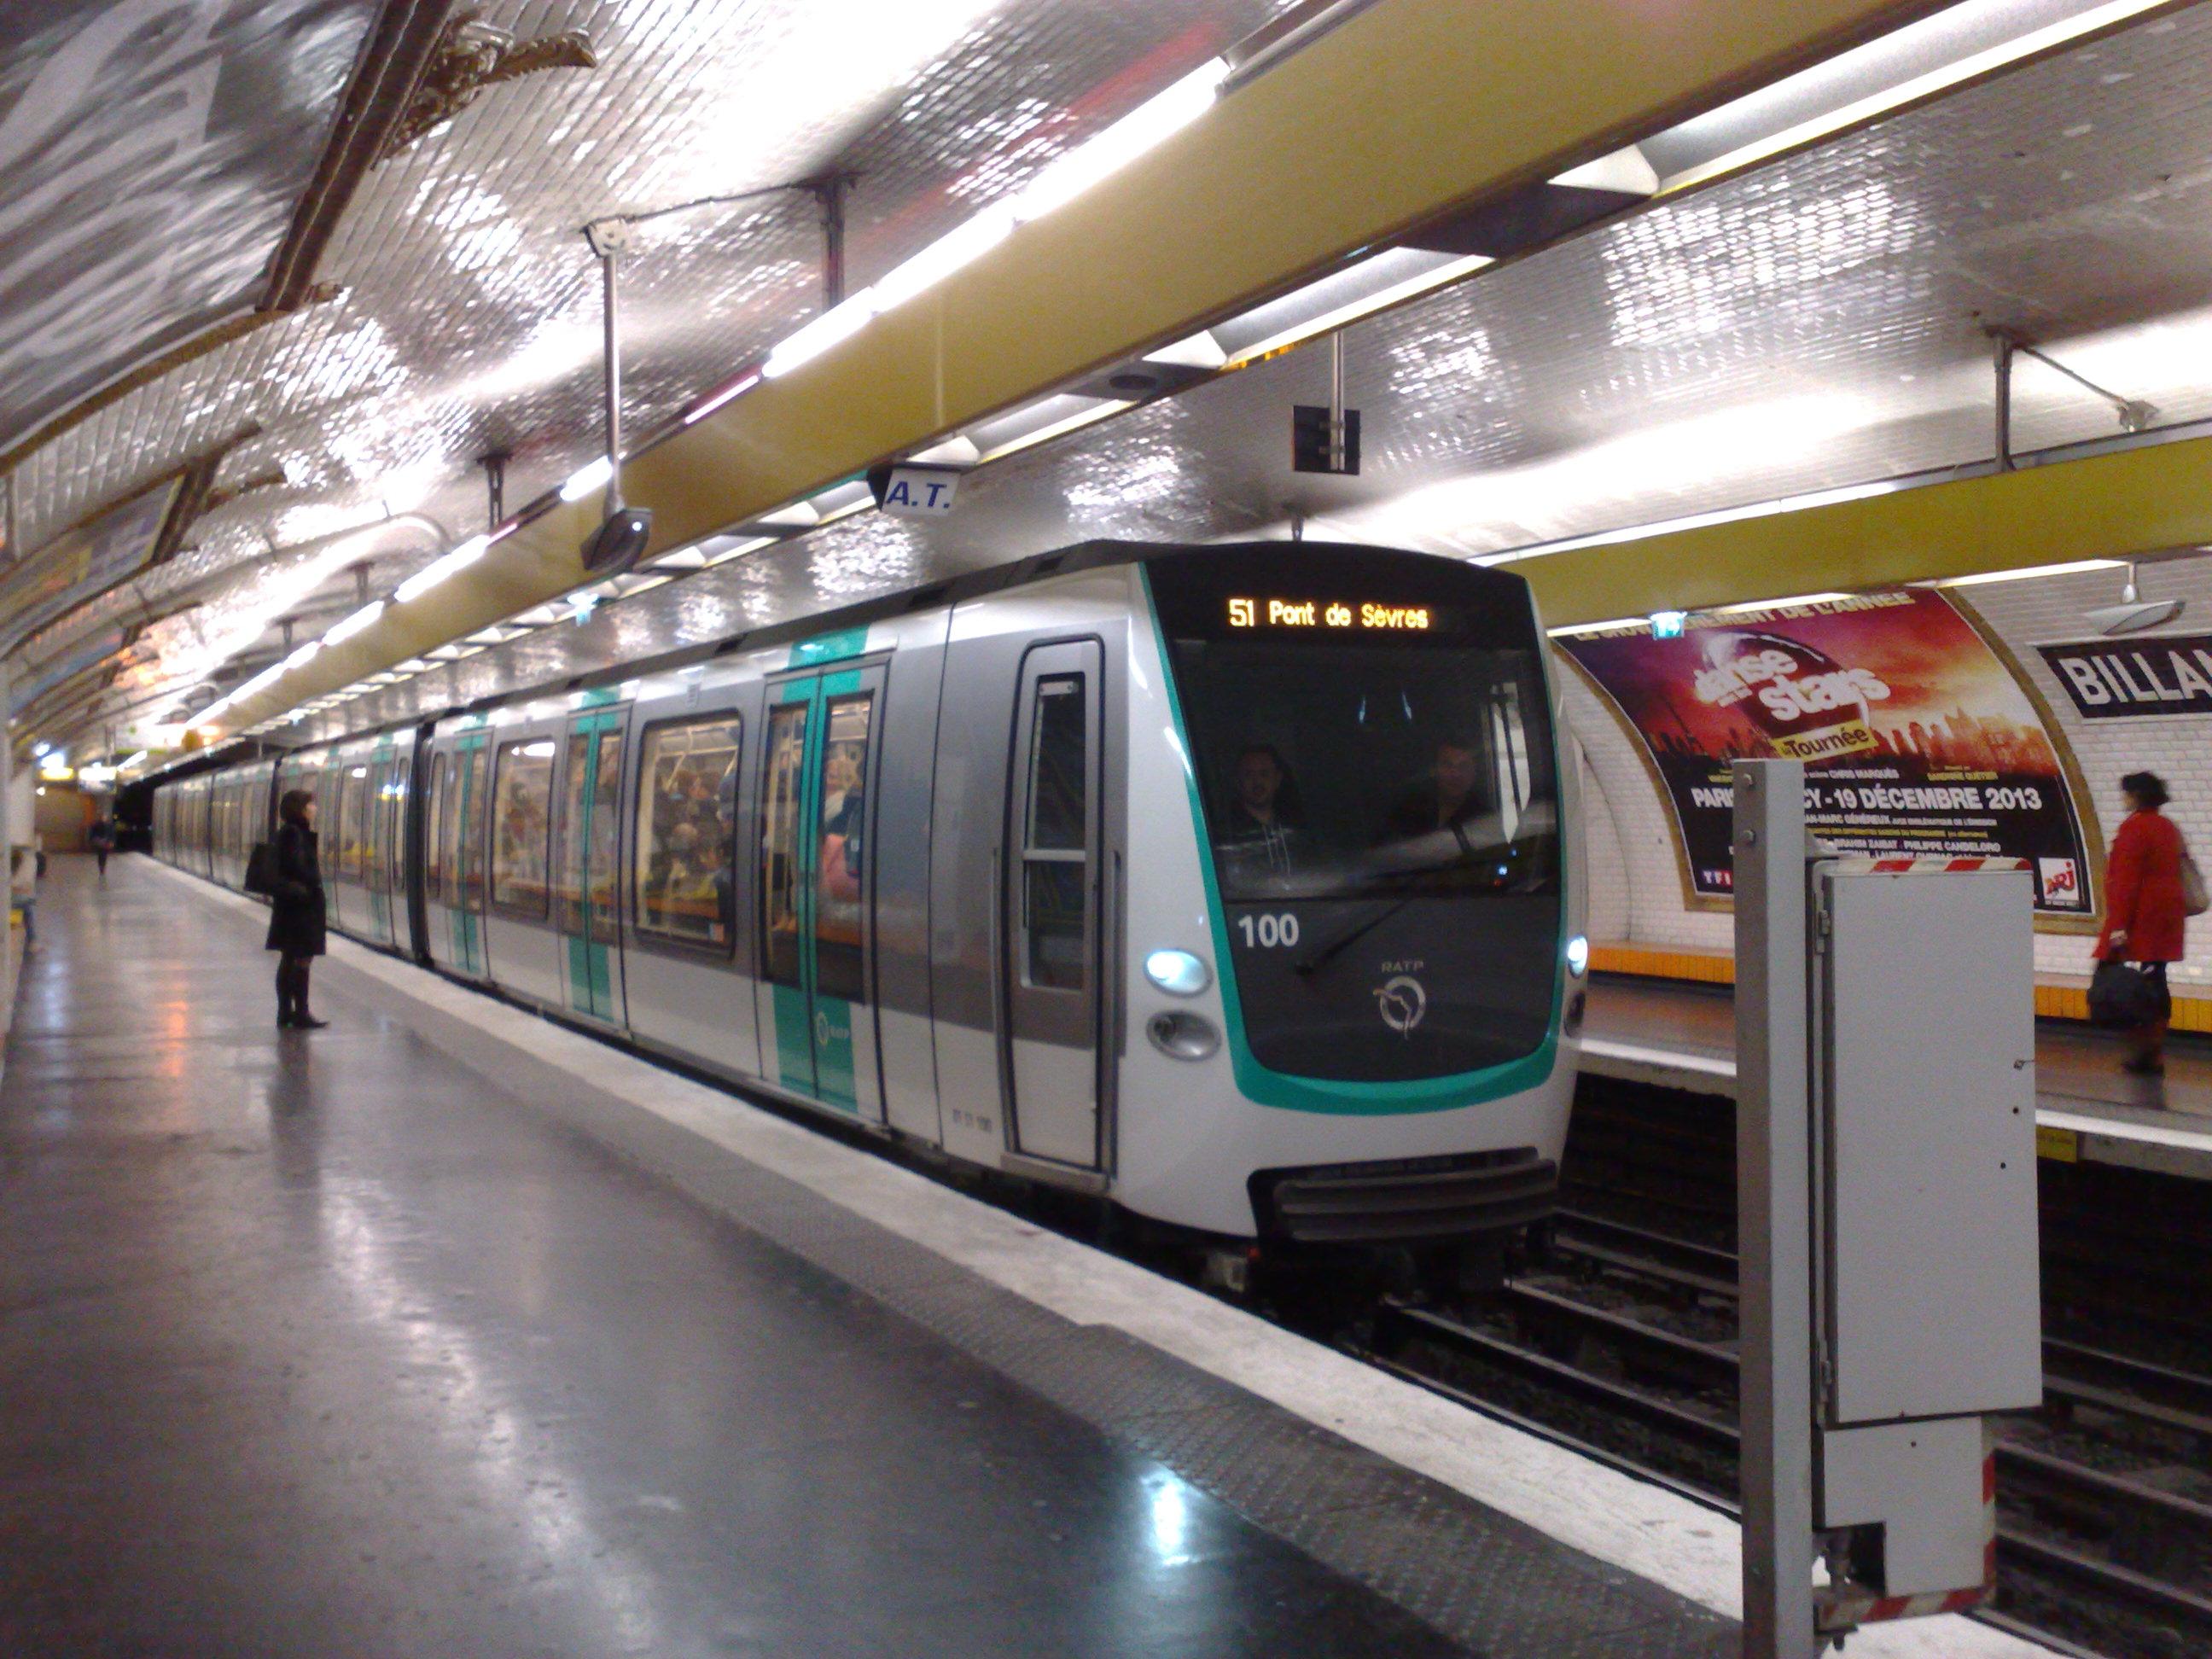 Plaque Metro Parisien Deco ligne 9 du métro de paris — wikipédia